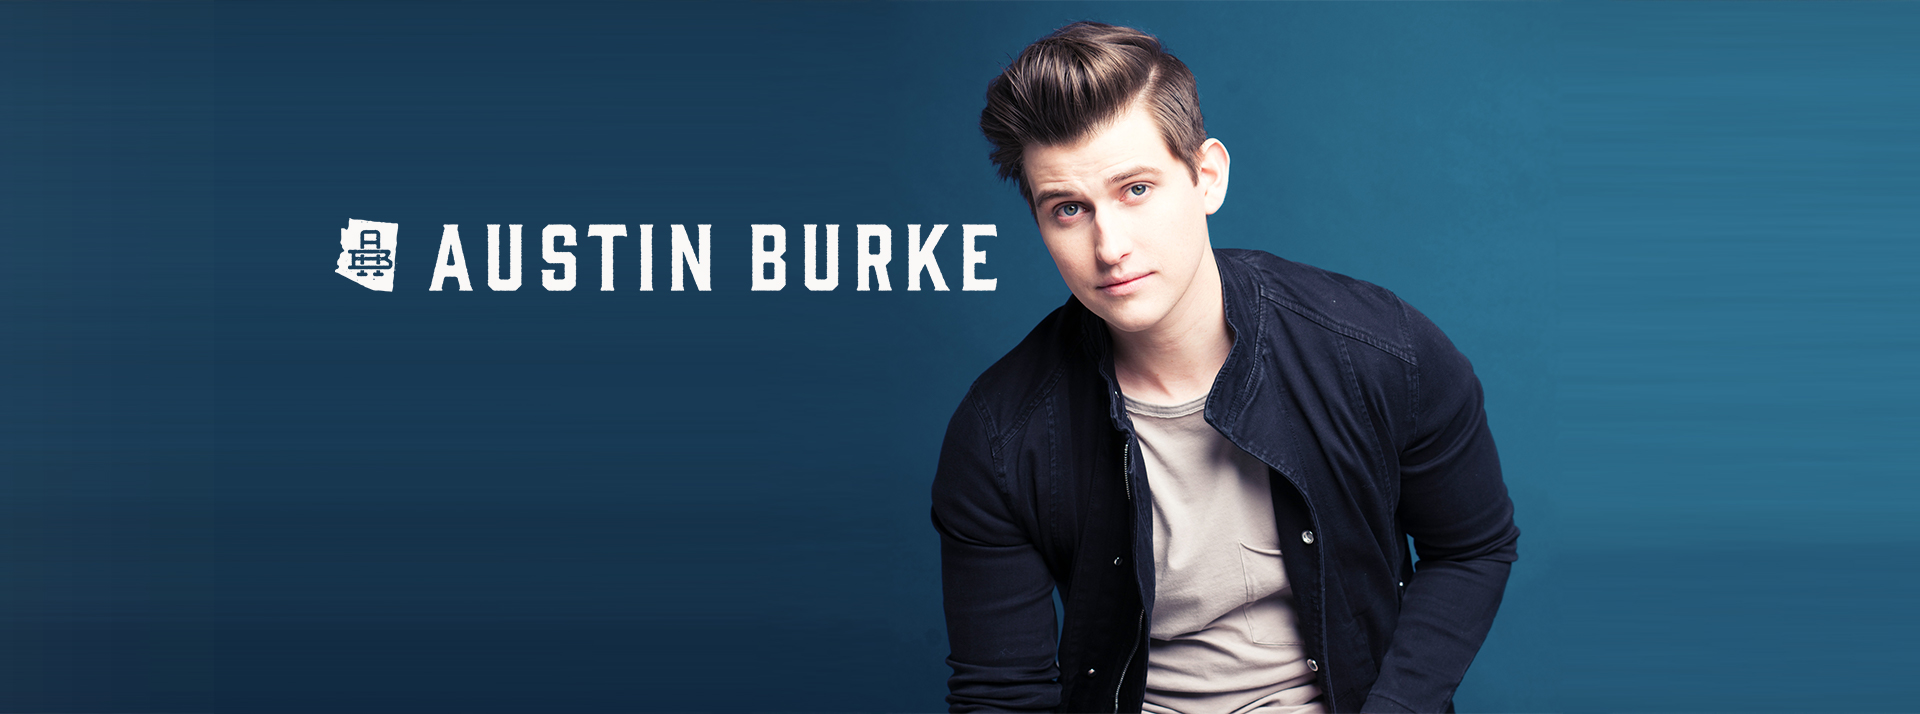 AustinBurke_Banner.jpg